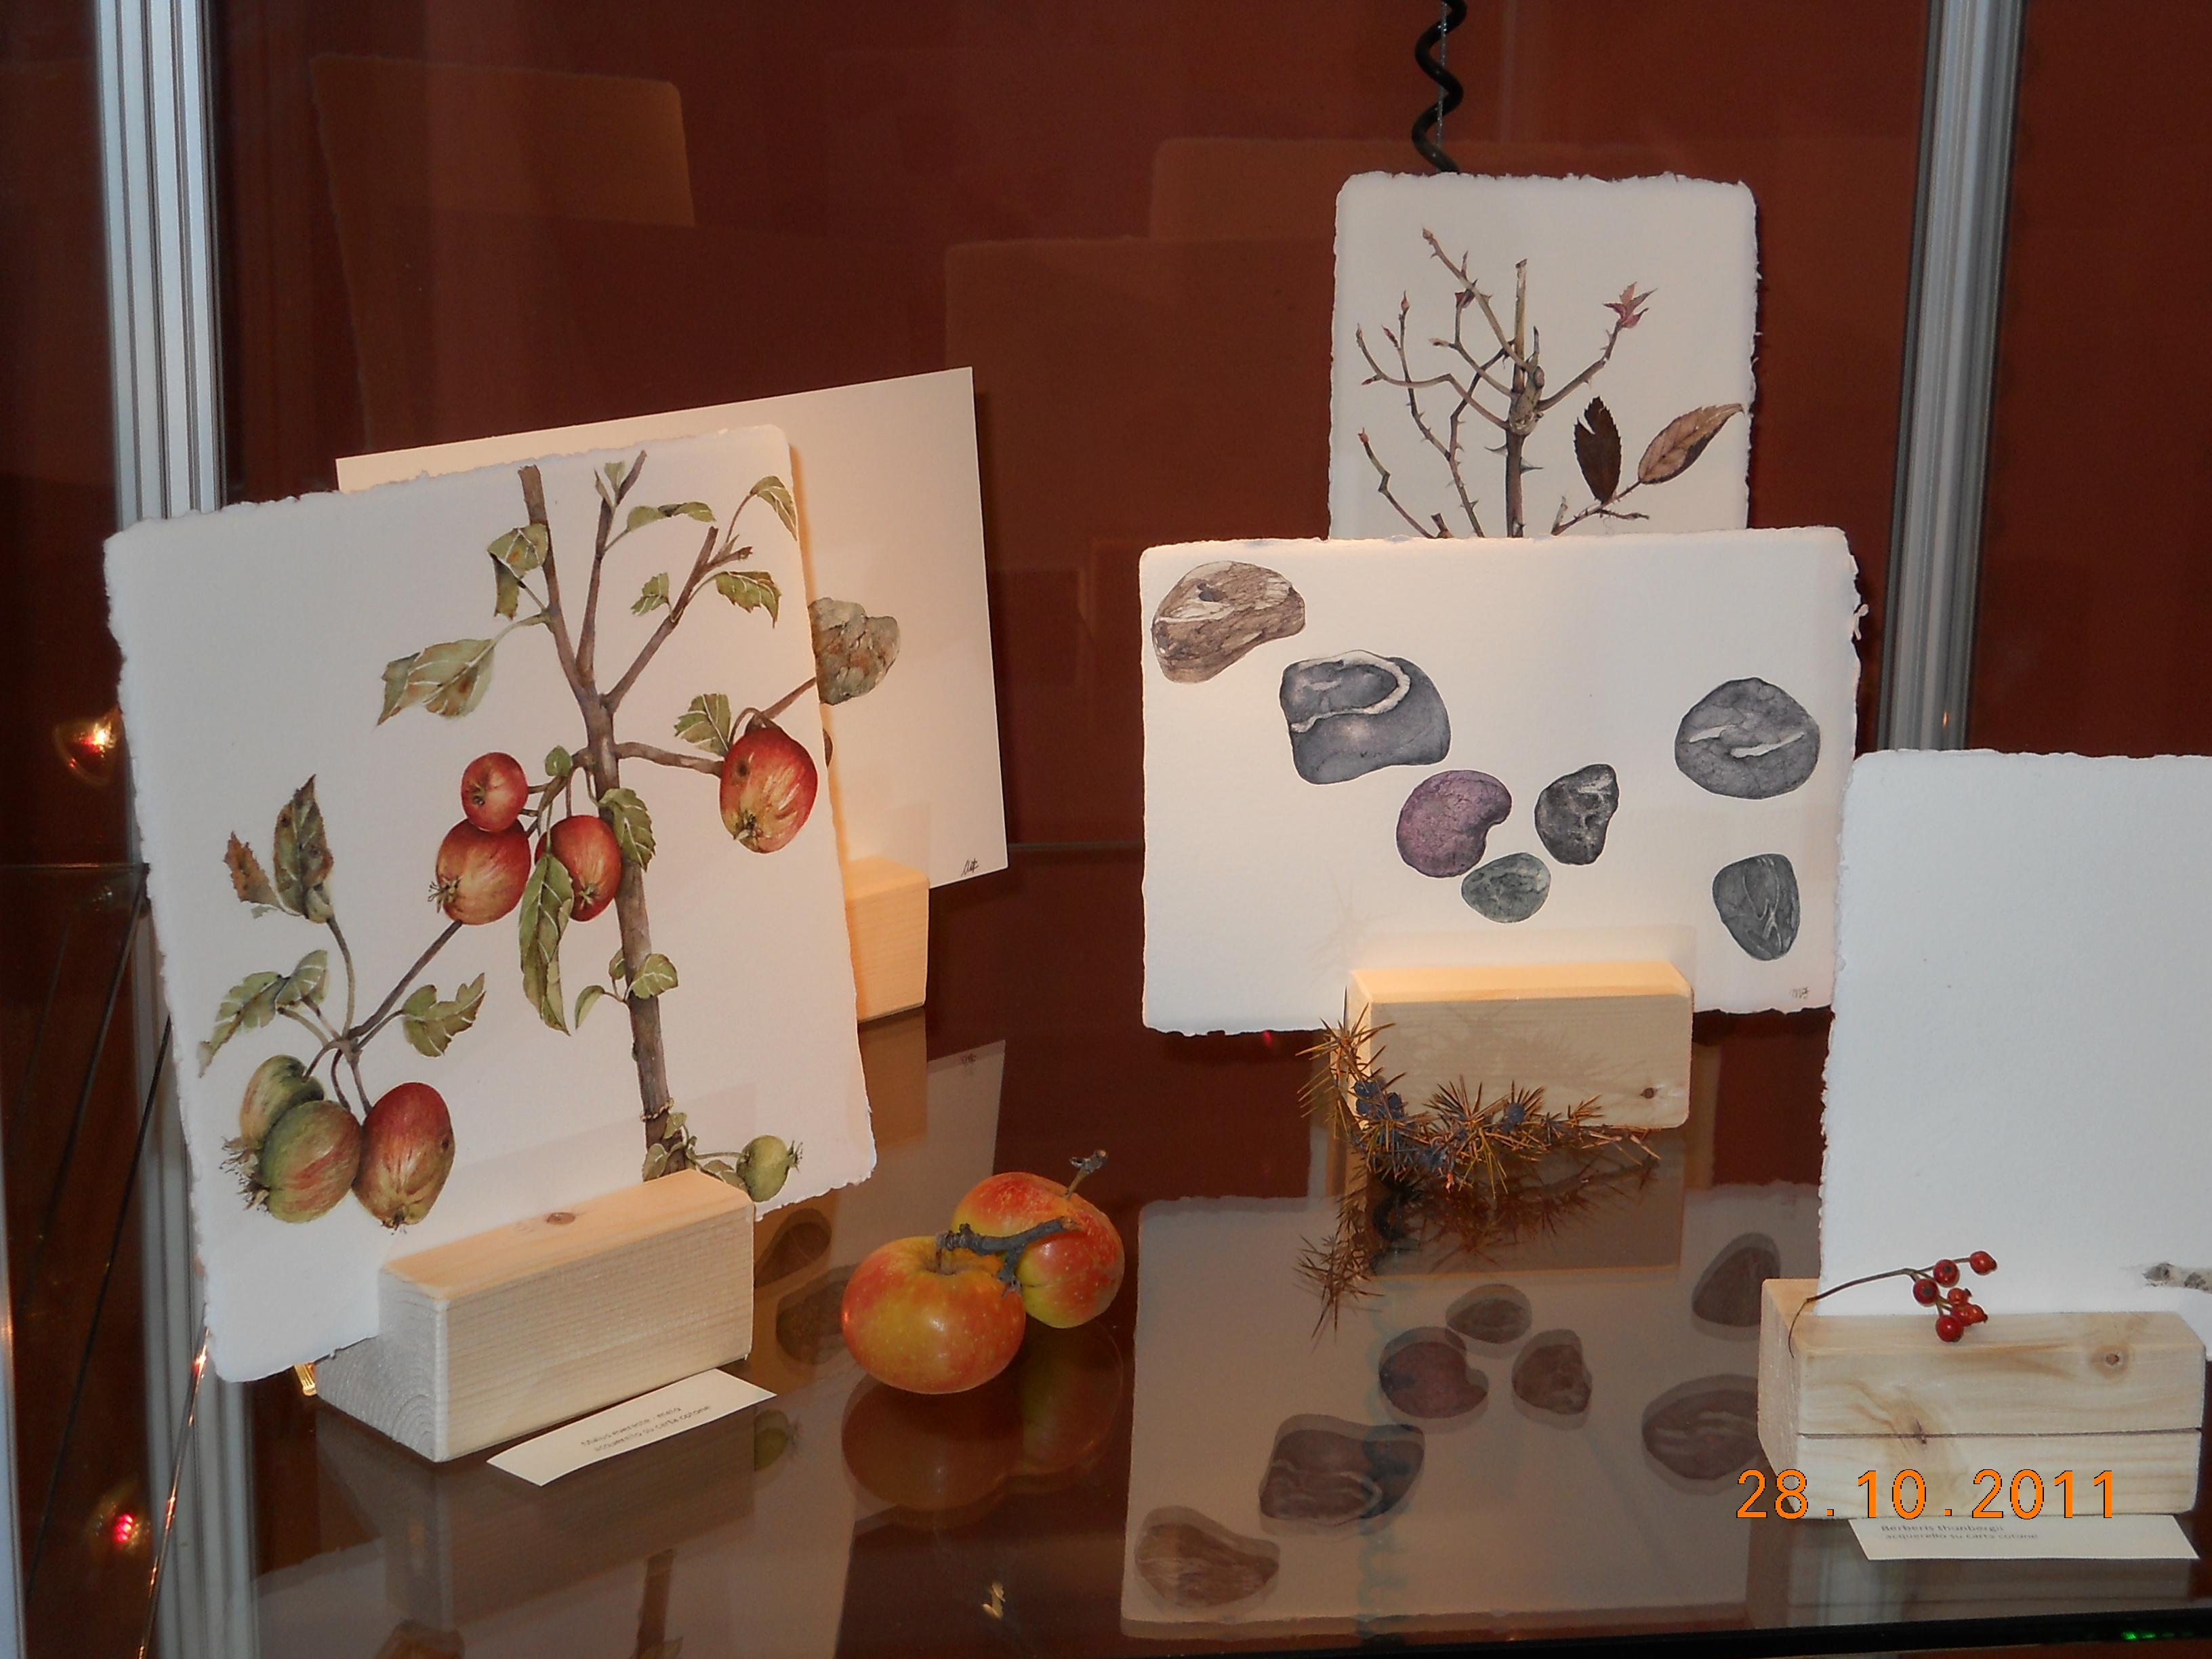 Mostra acquerello botanico Fusari